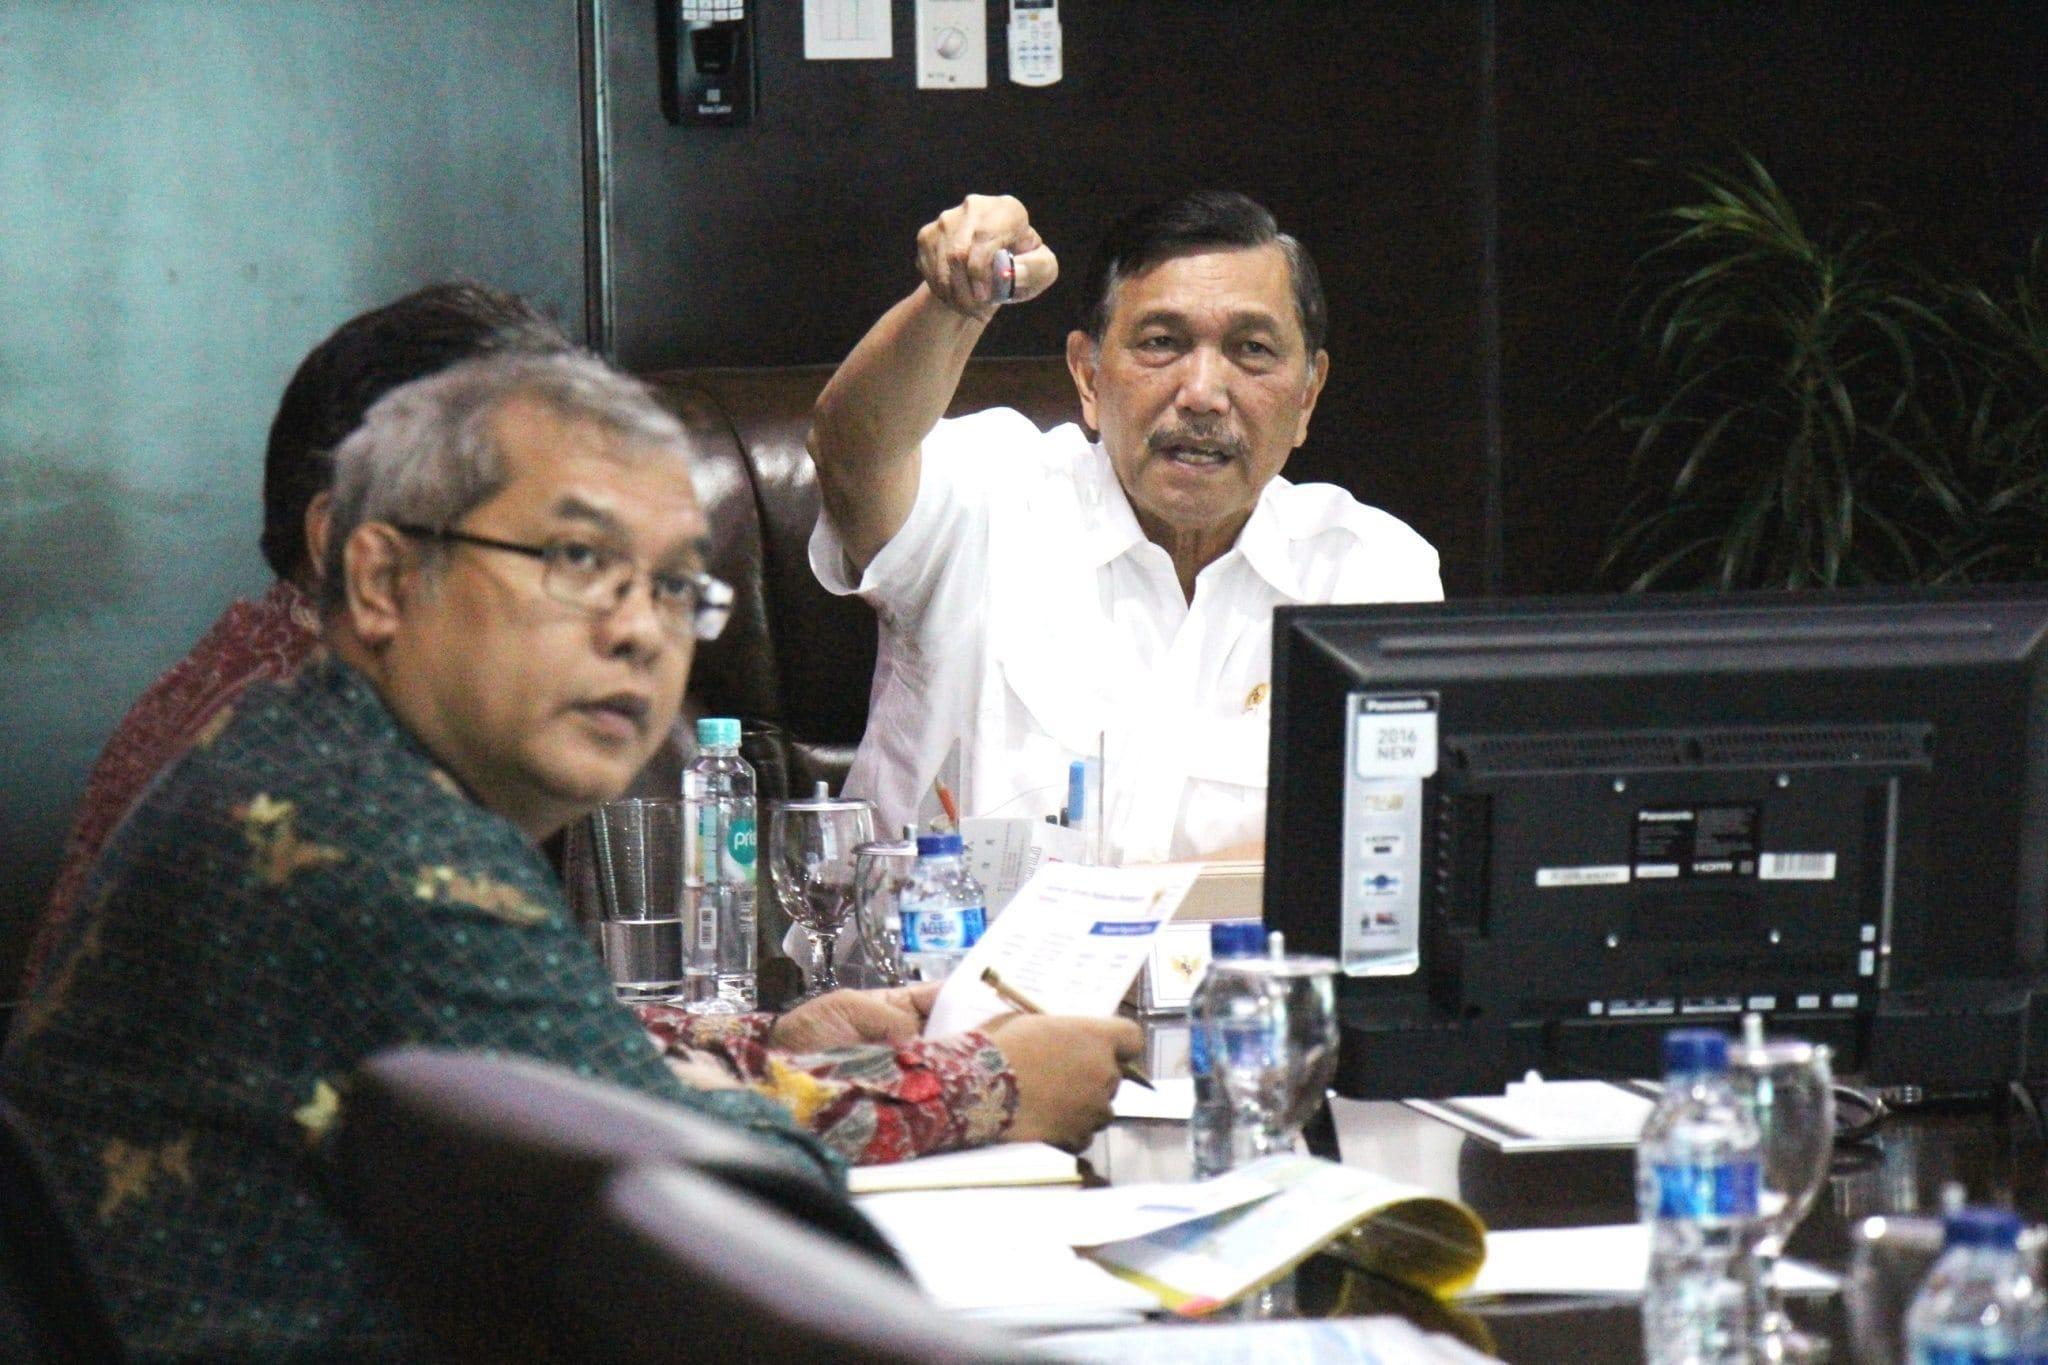 Menko Luhut Pimpin Rapat Pendalaman Alur,Pelabuhan Patimban dan Kereta Cepat Jakarta-Surabaya